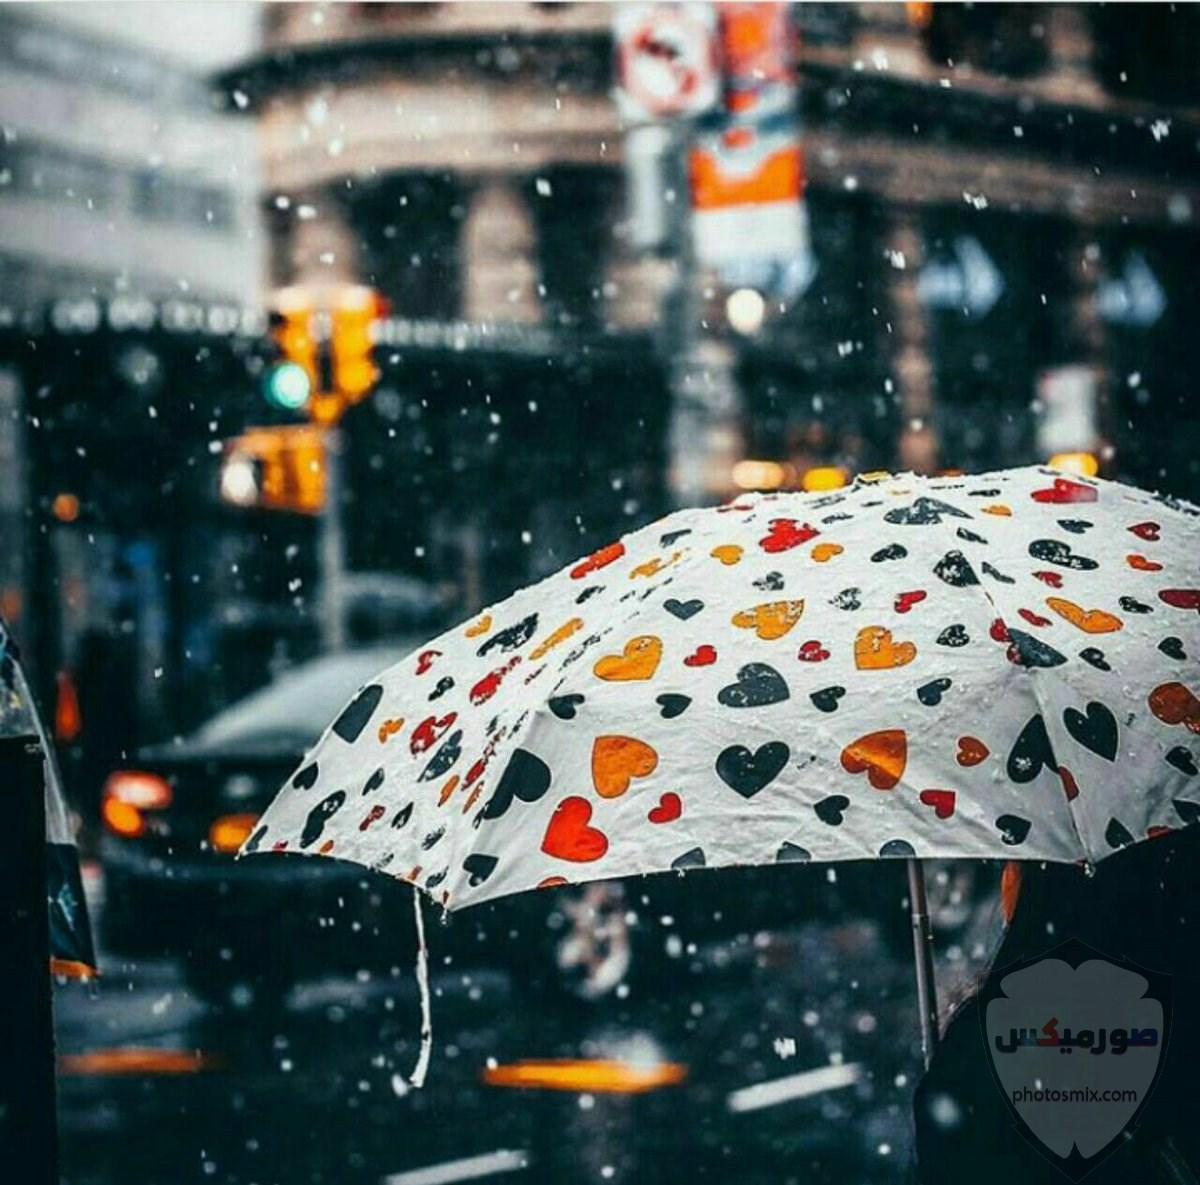 صور مطر 2020 اجمل الصور والعبارات عن المطر 11 1